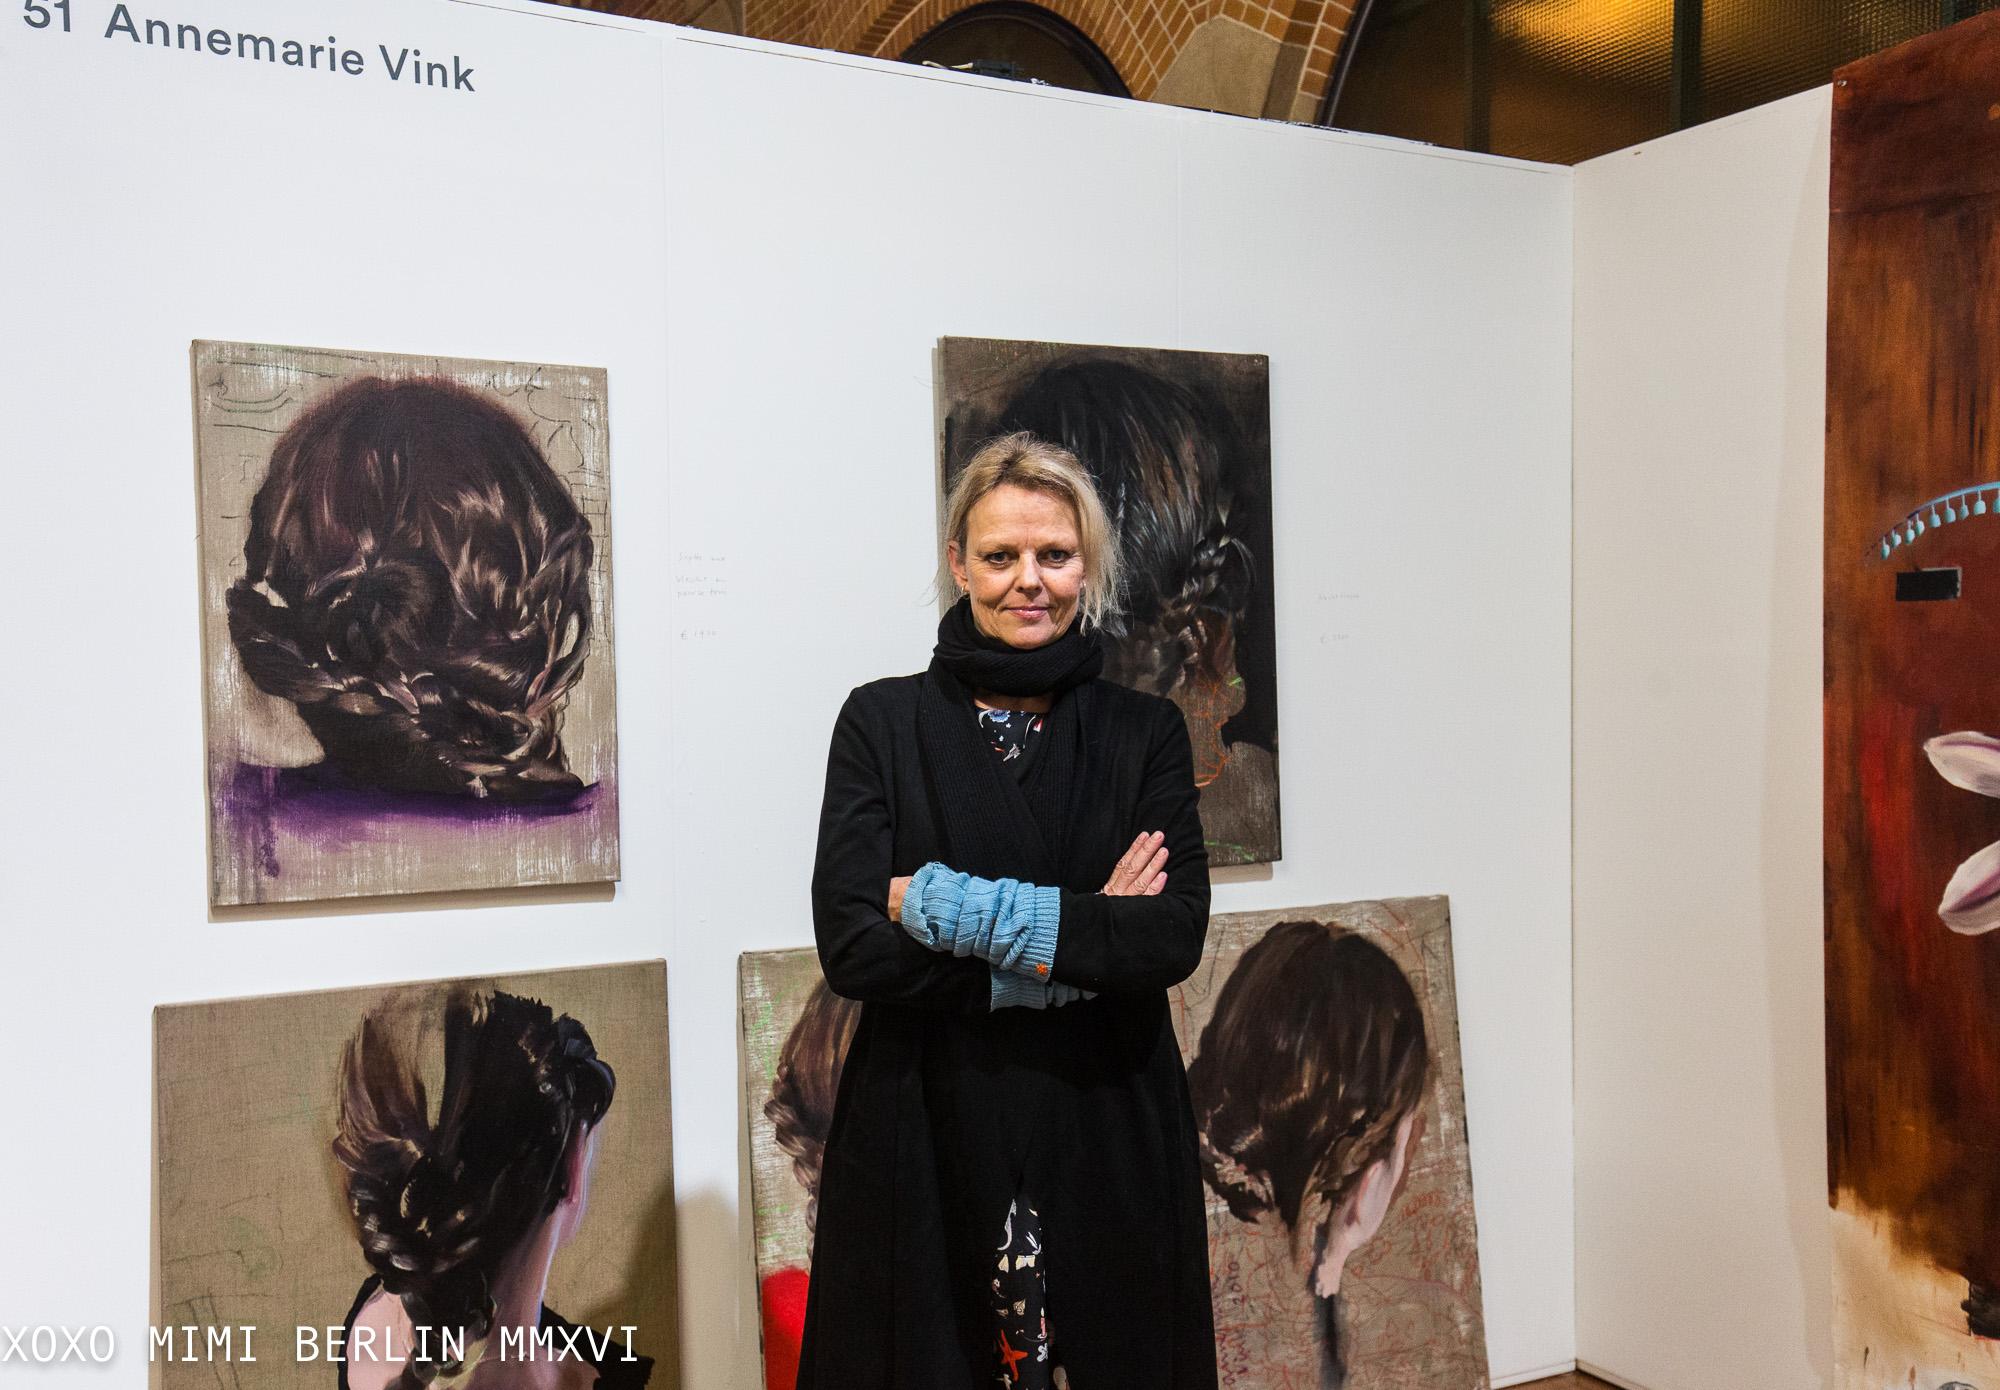 Annemarie Vink